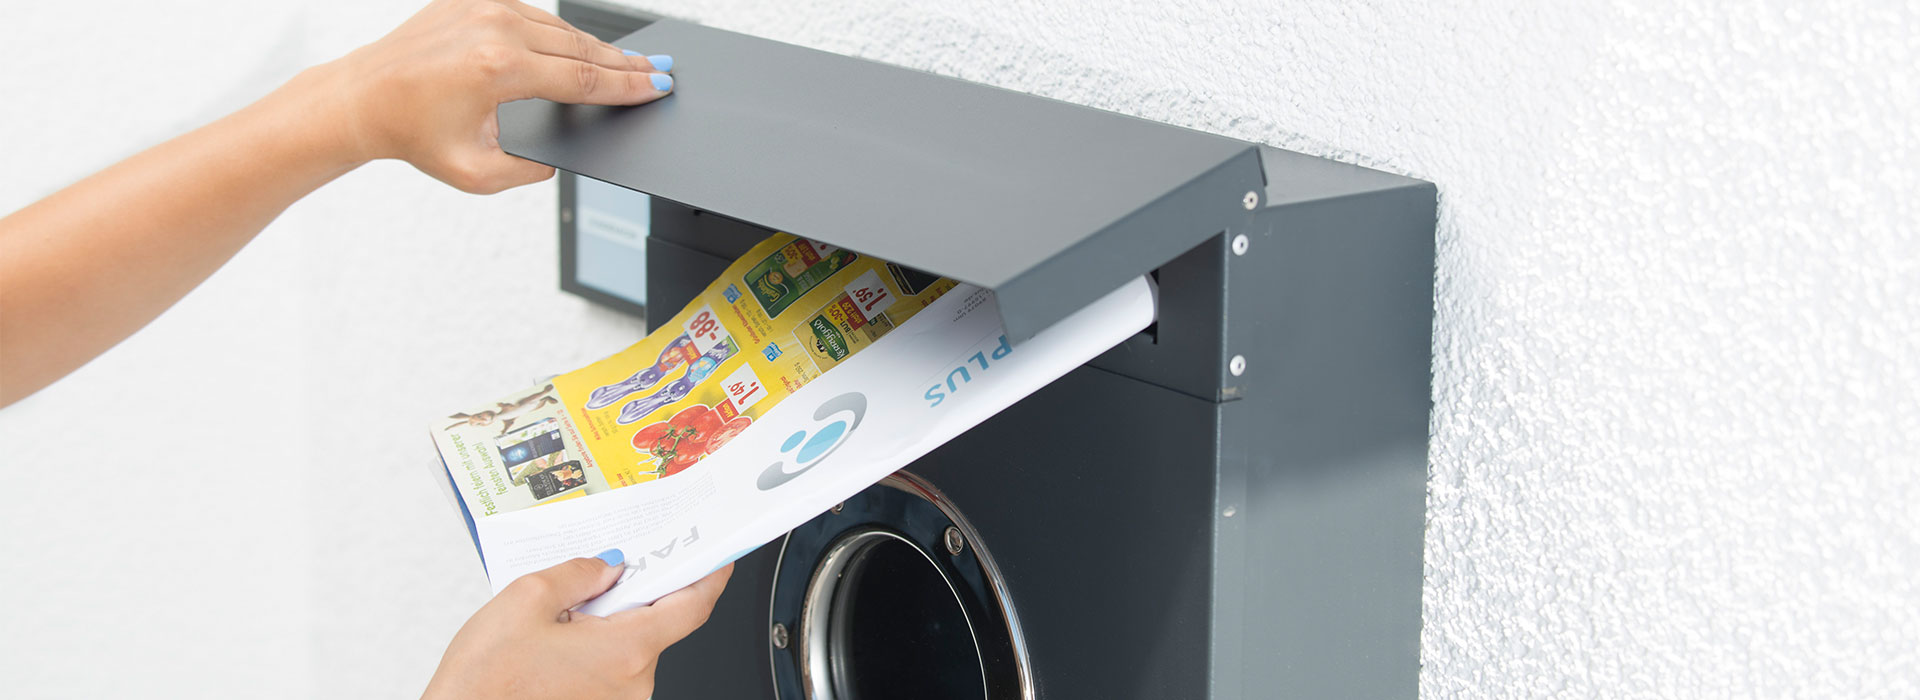 Mit unserem Service der Haushaltswerbung kommt Ihr Werbmittel beim Briefkasten an.